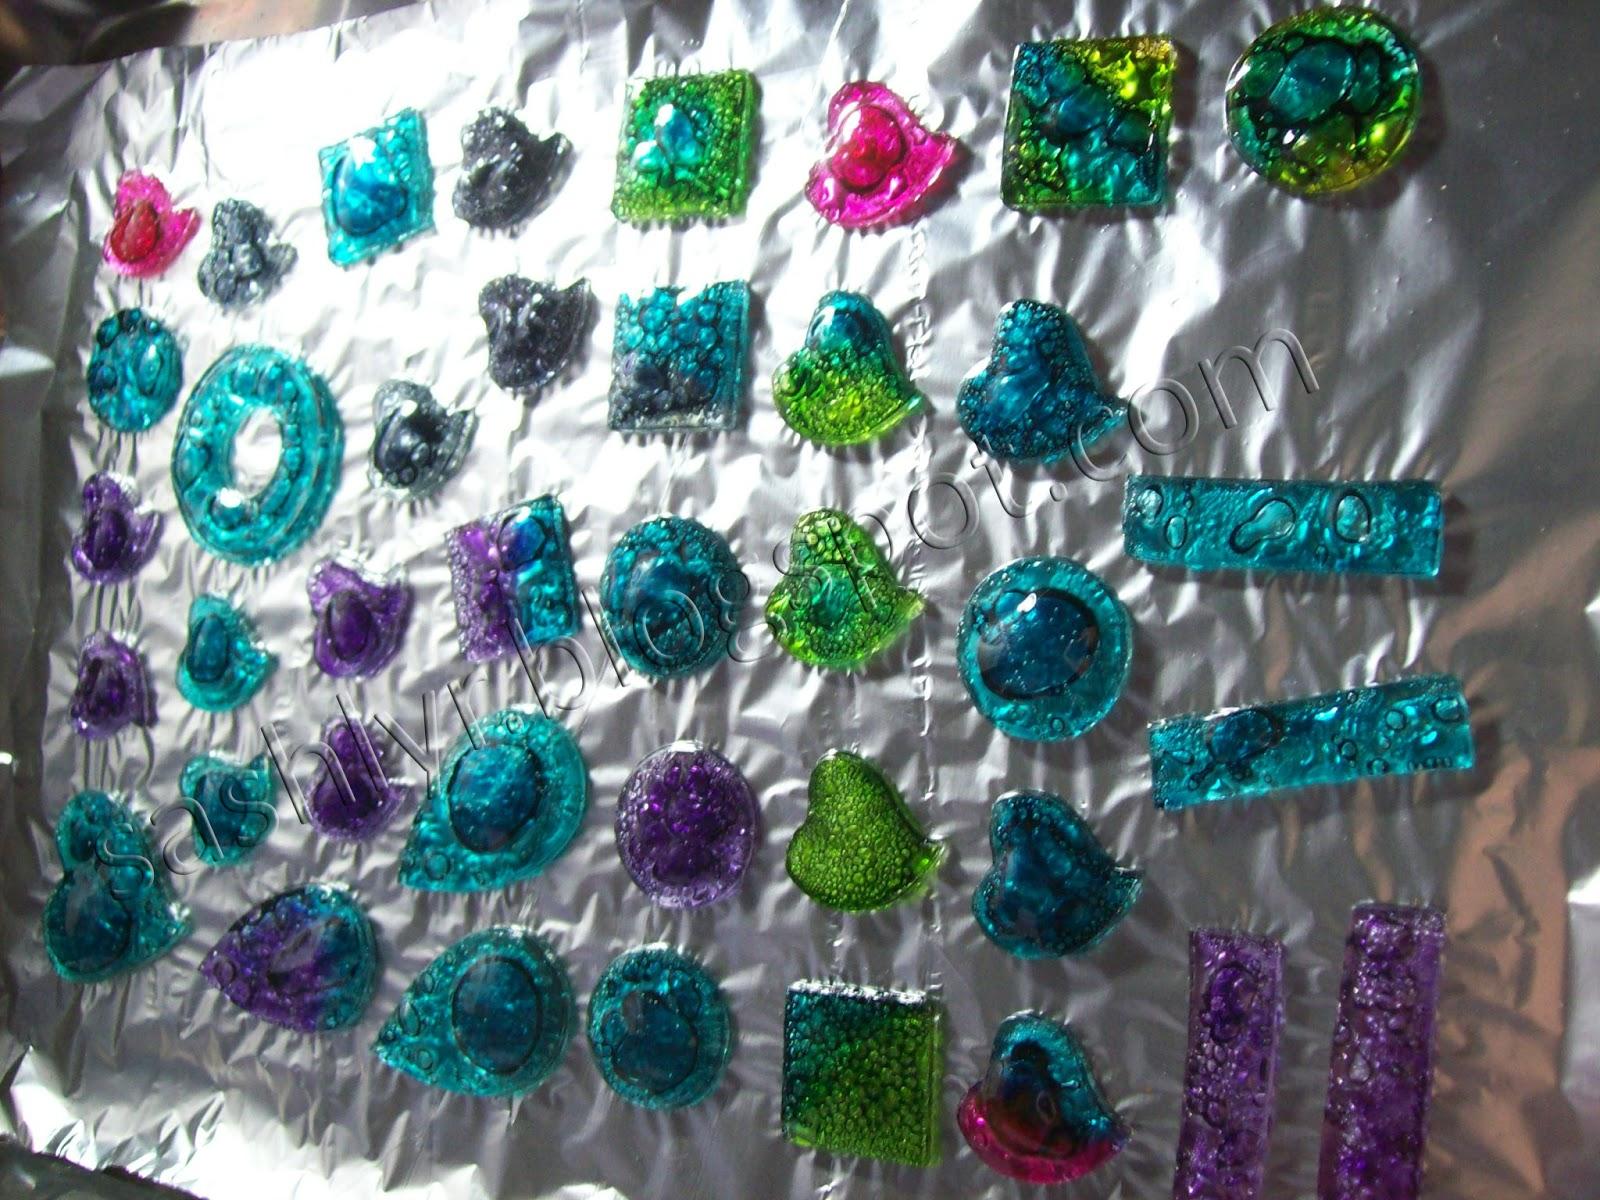 Sashlyr arte y decoraci n tutorial como reciclar cd 39 s - Como decorar reciclando ...